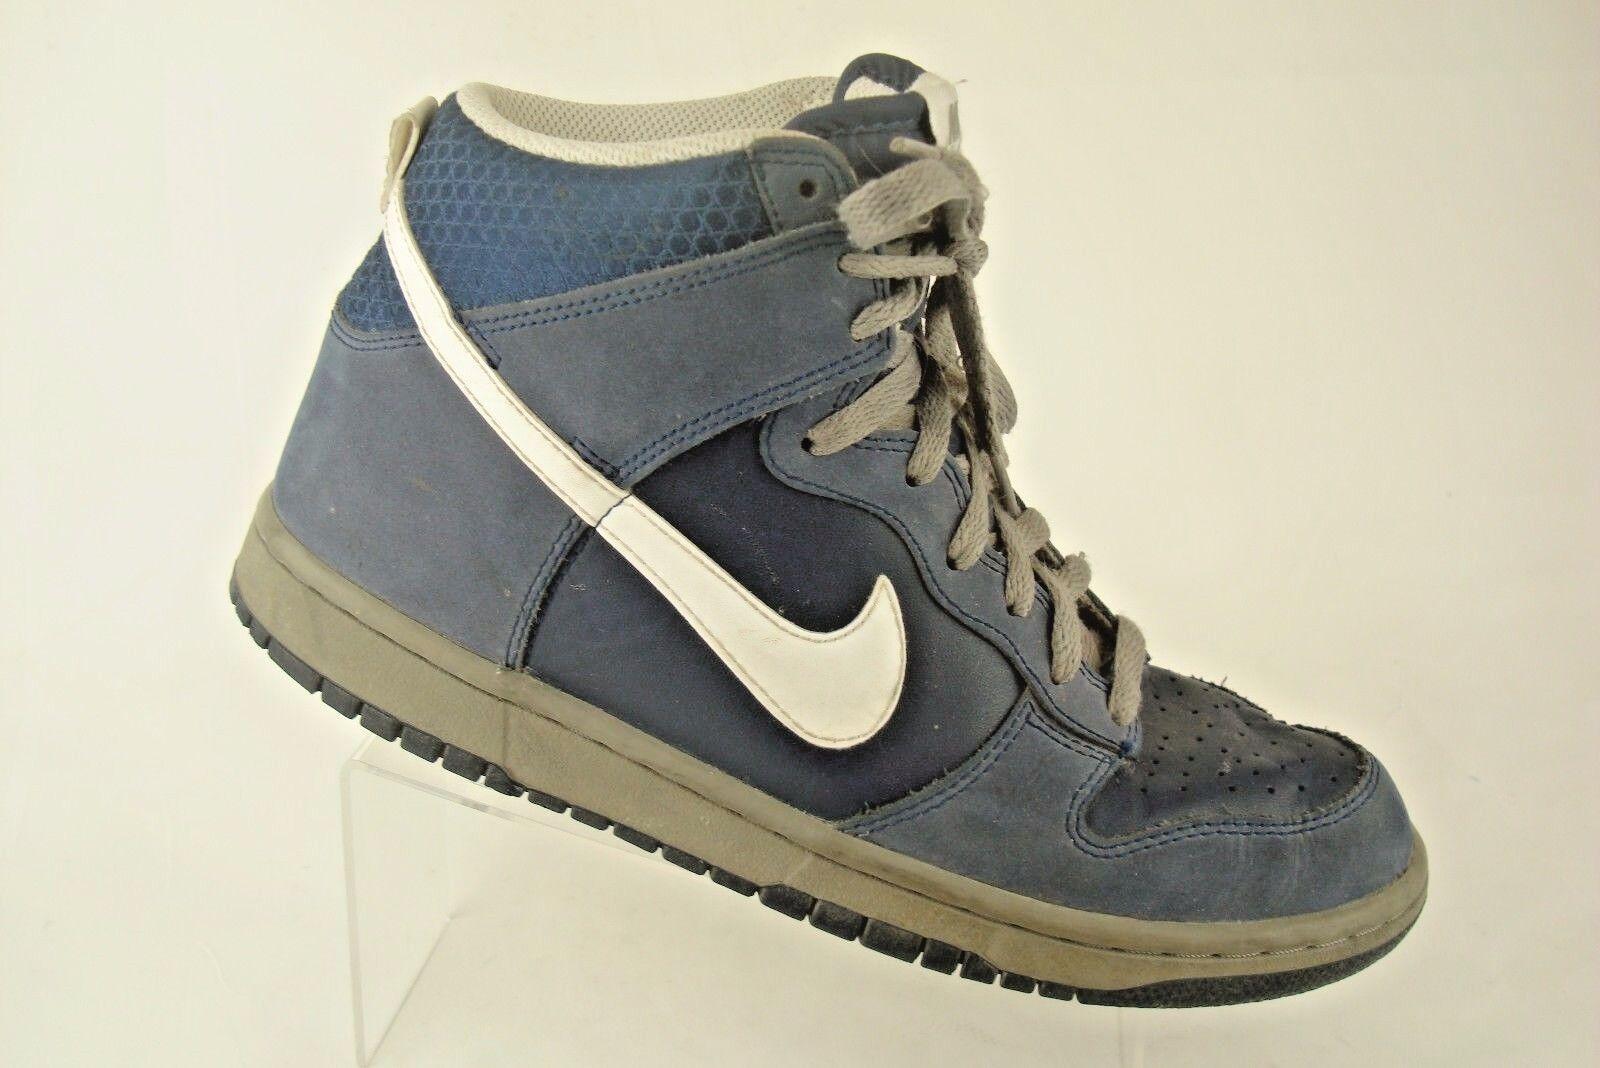 Nike Dunk alta azul marino noche Luz carbón blancoo Baloncesto Talla 8.5 317982-401